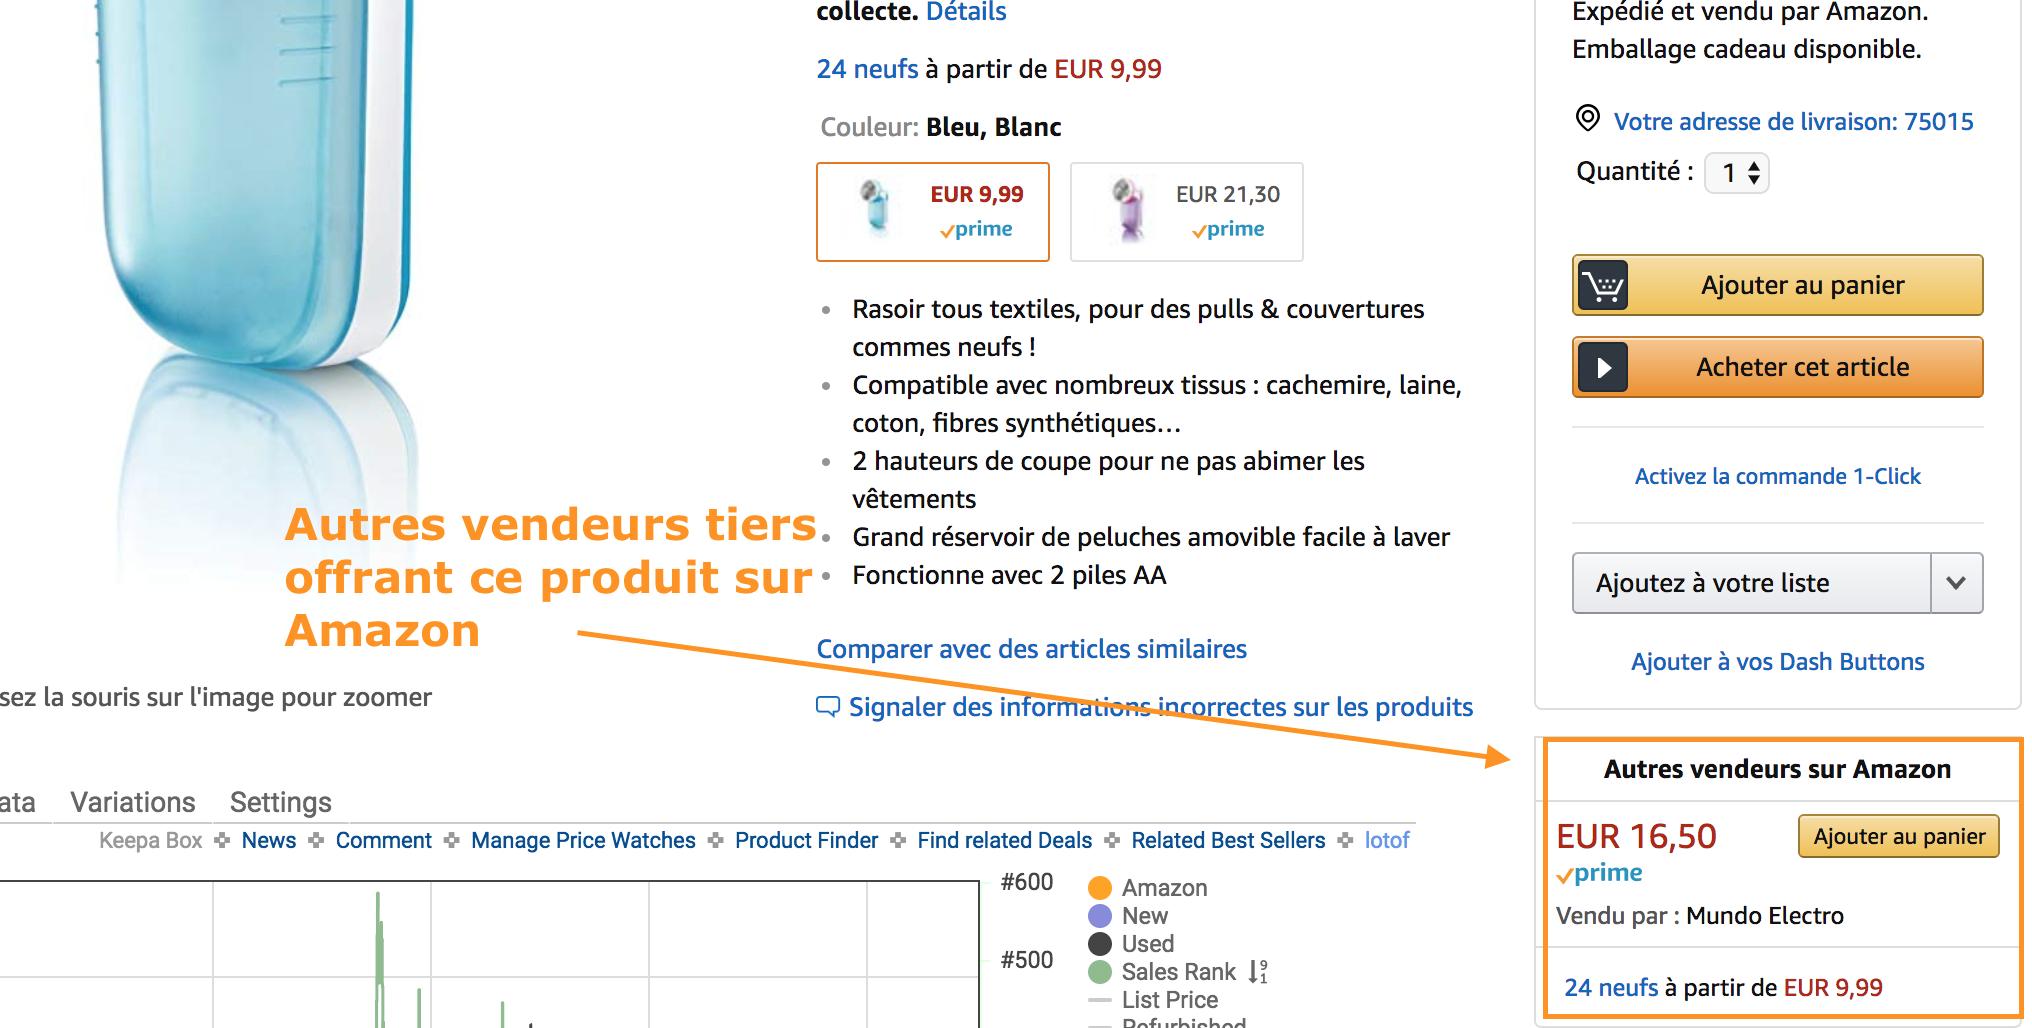 Vendeurs tiers Amazon